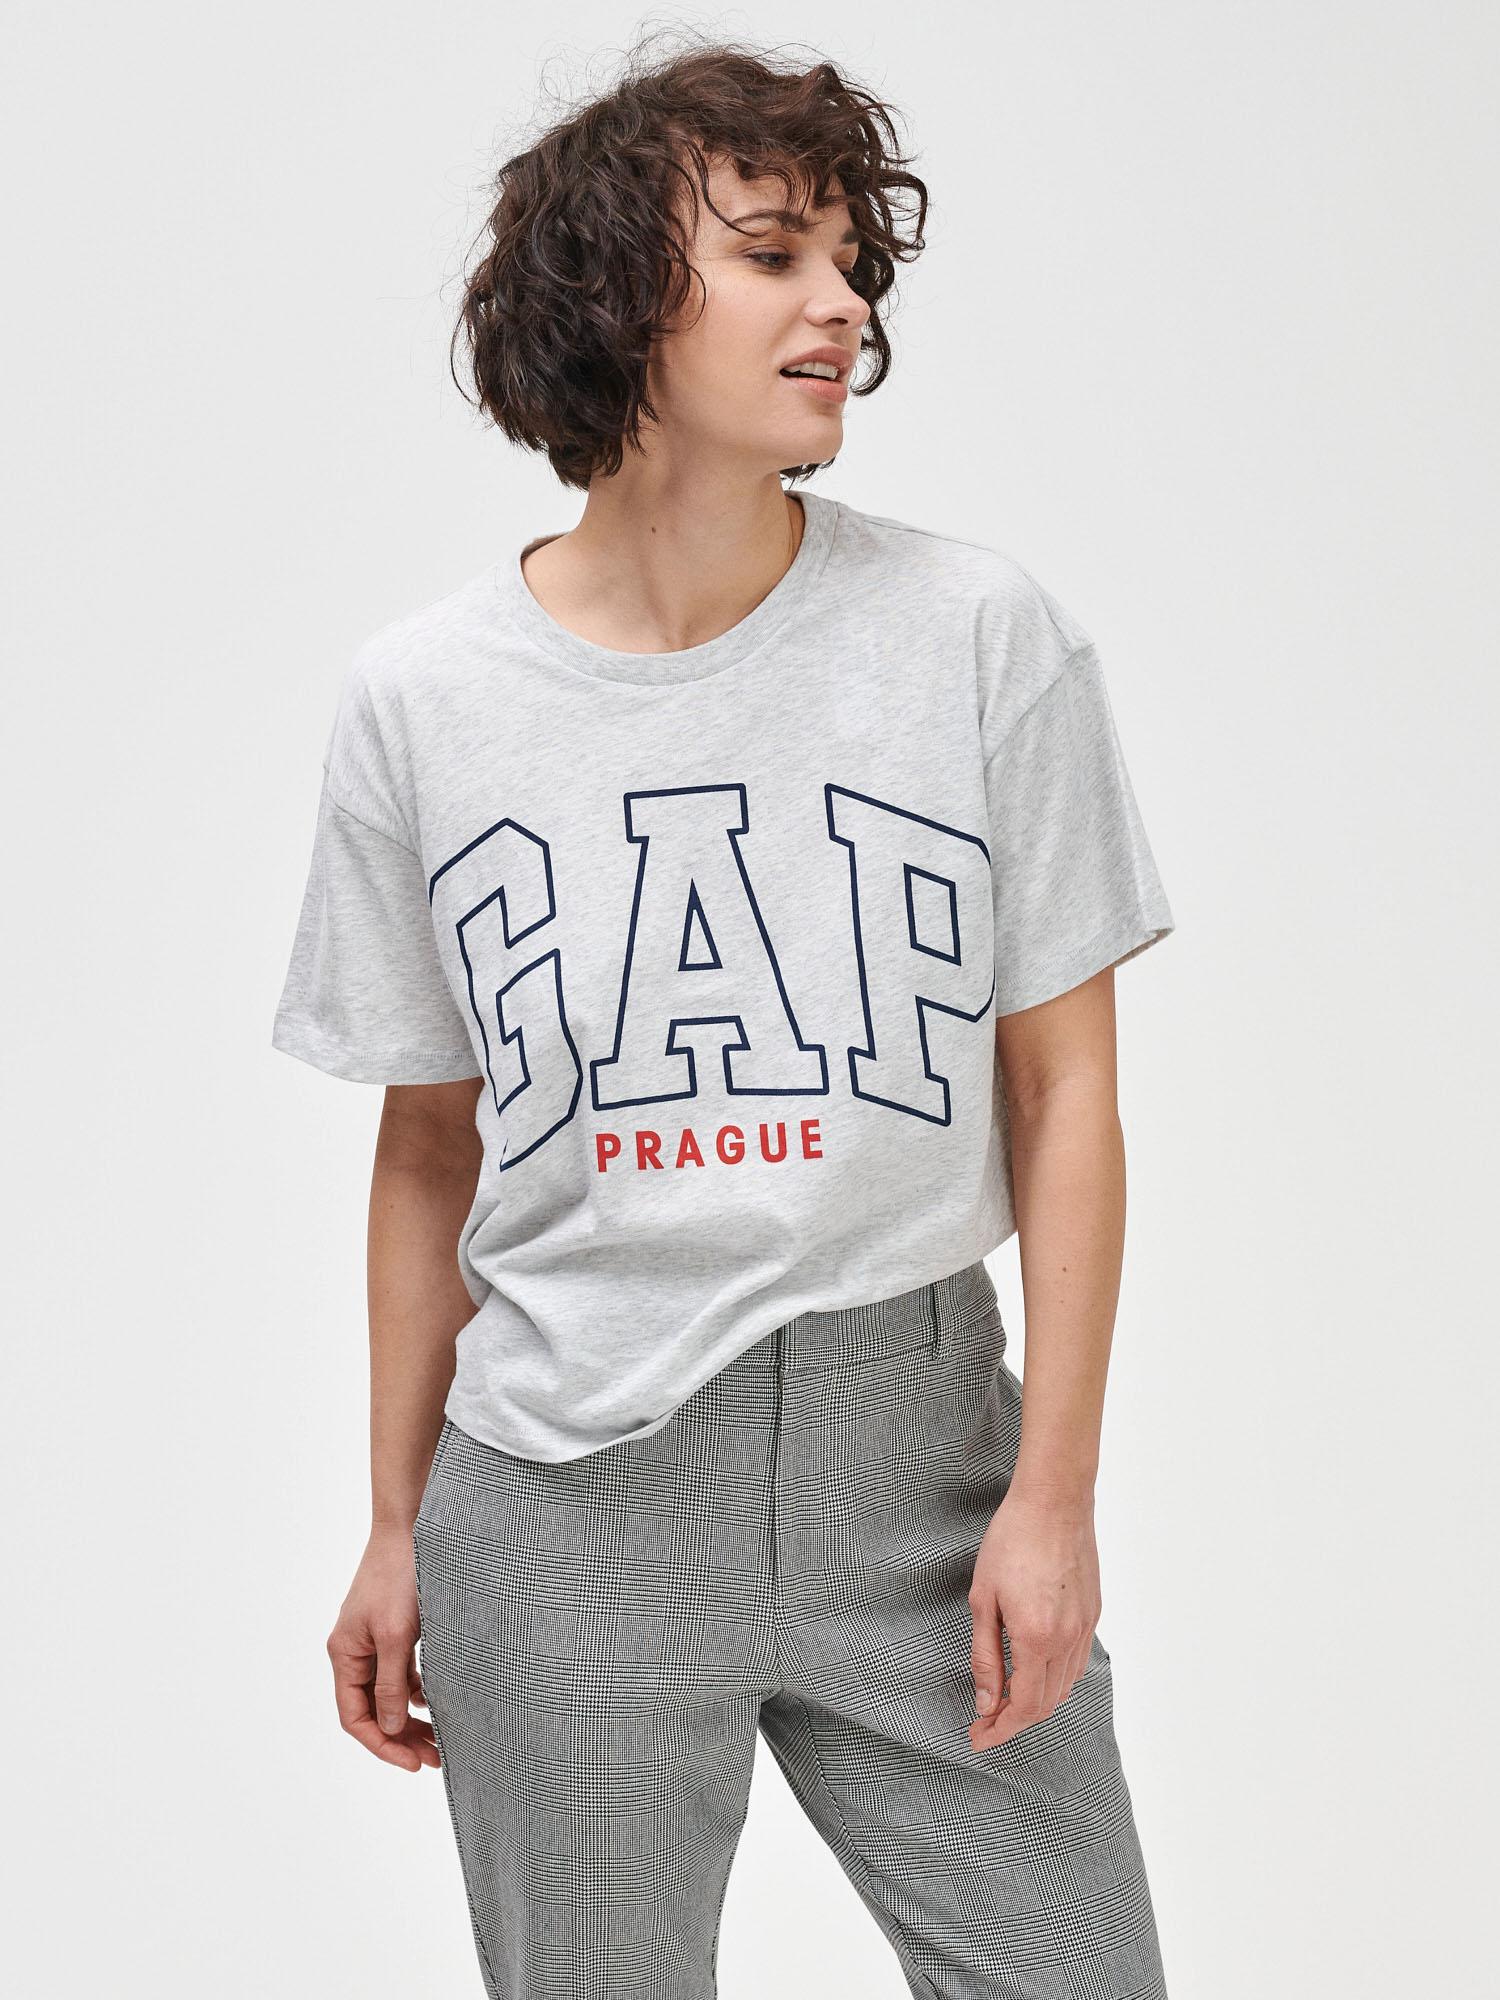 GAP grey T-shirt Prague